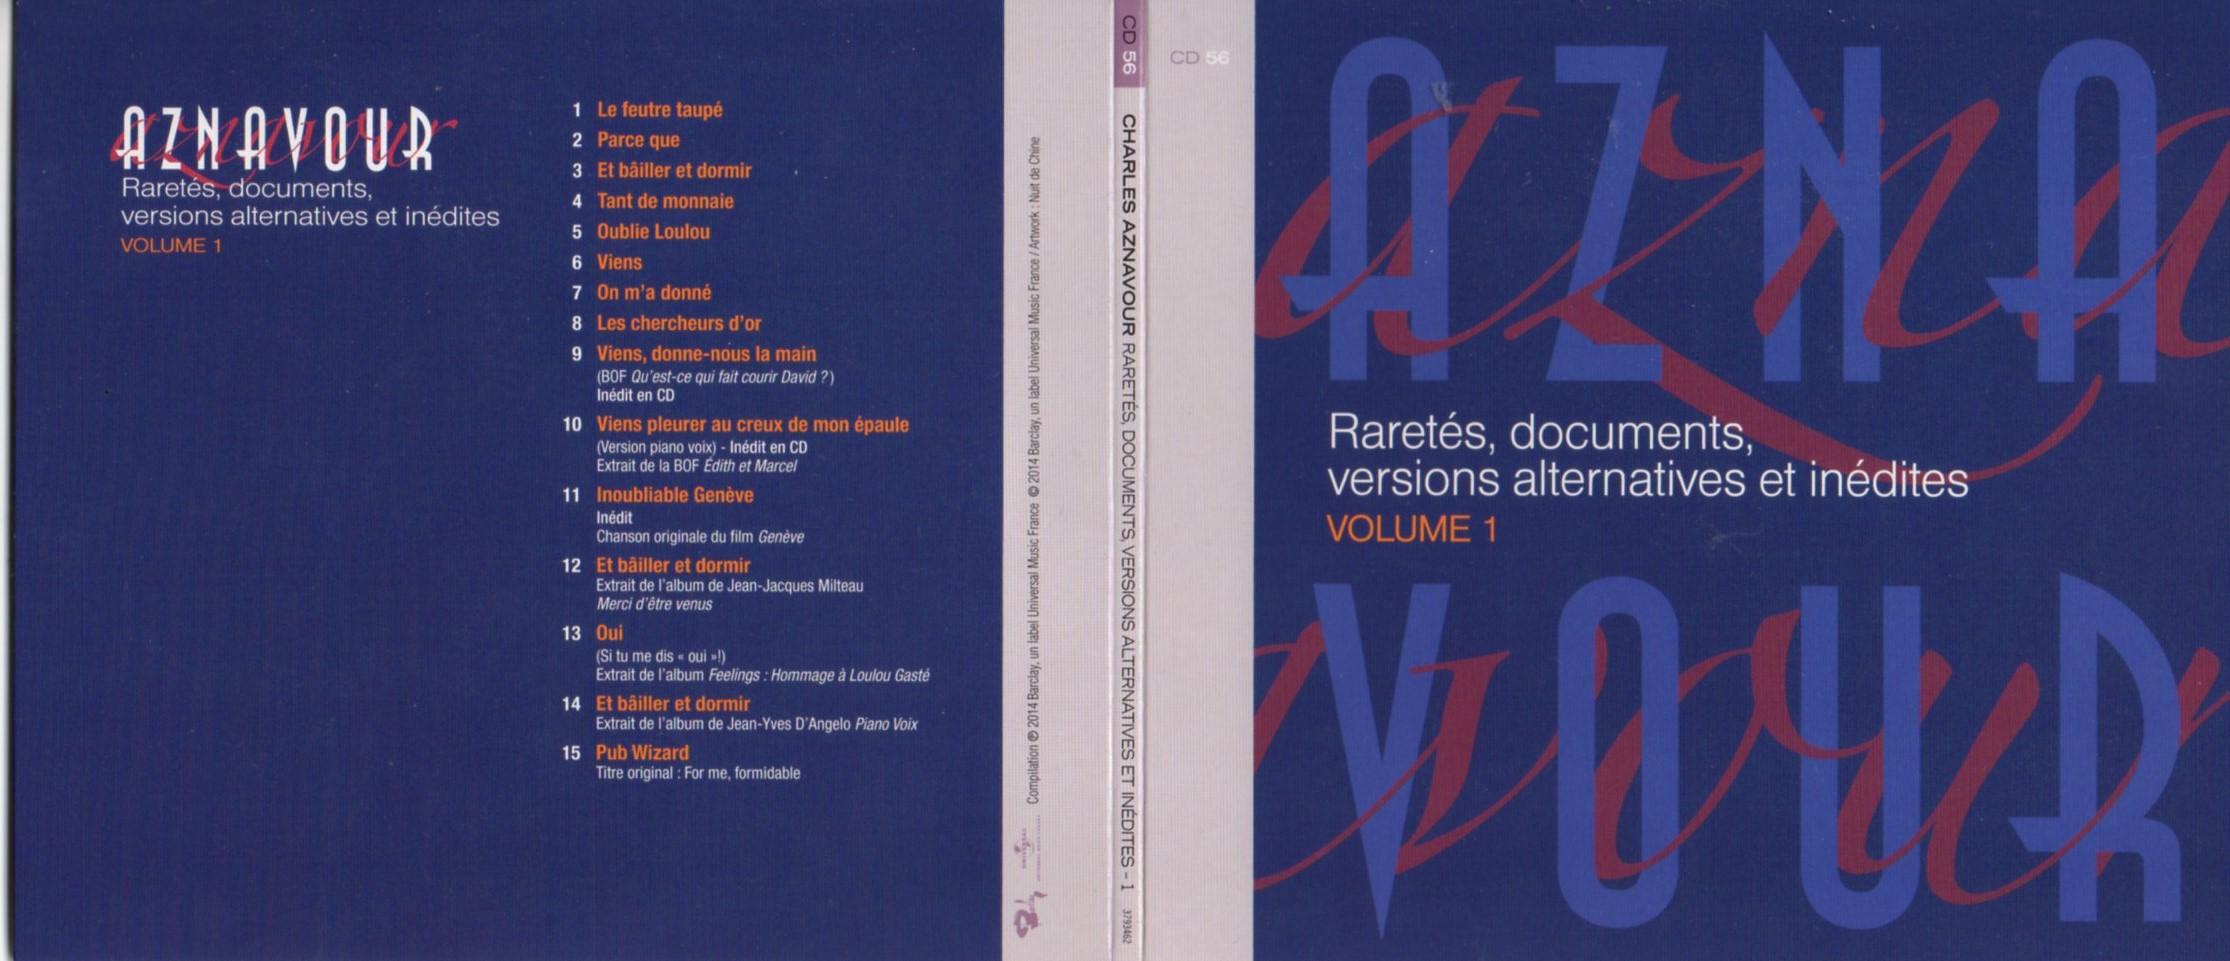 CHARLES AZNAVOUR - Raretés, Versions alternatives et inédites, Musiques de films - Soundtracks Vol 1 Gatefold Card boar - CD